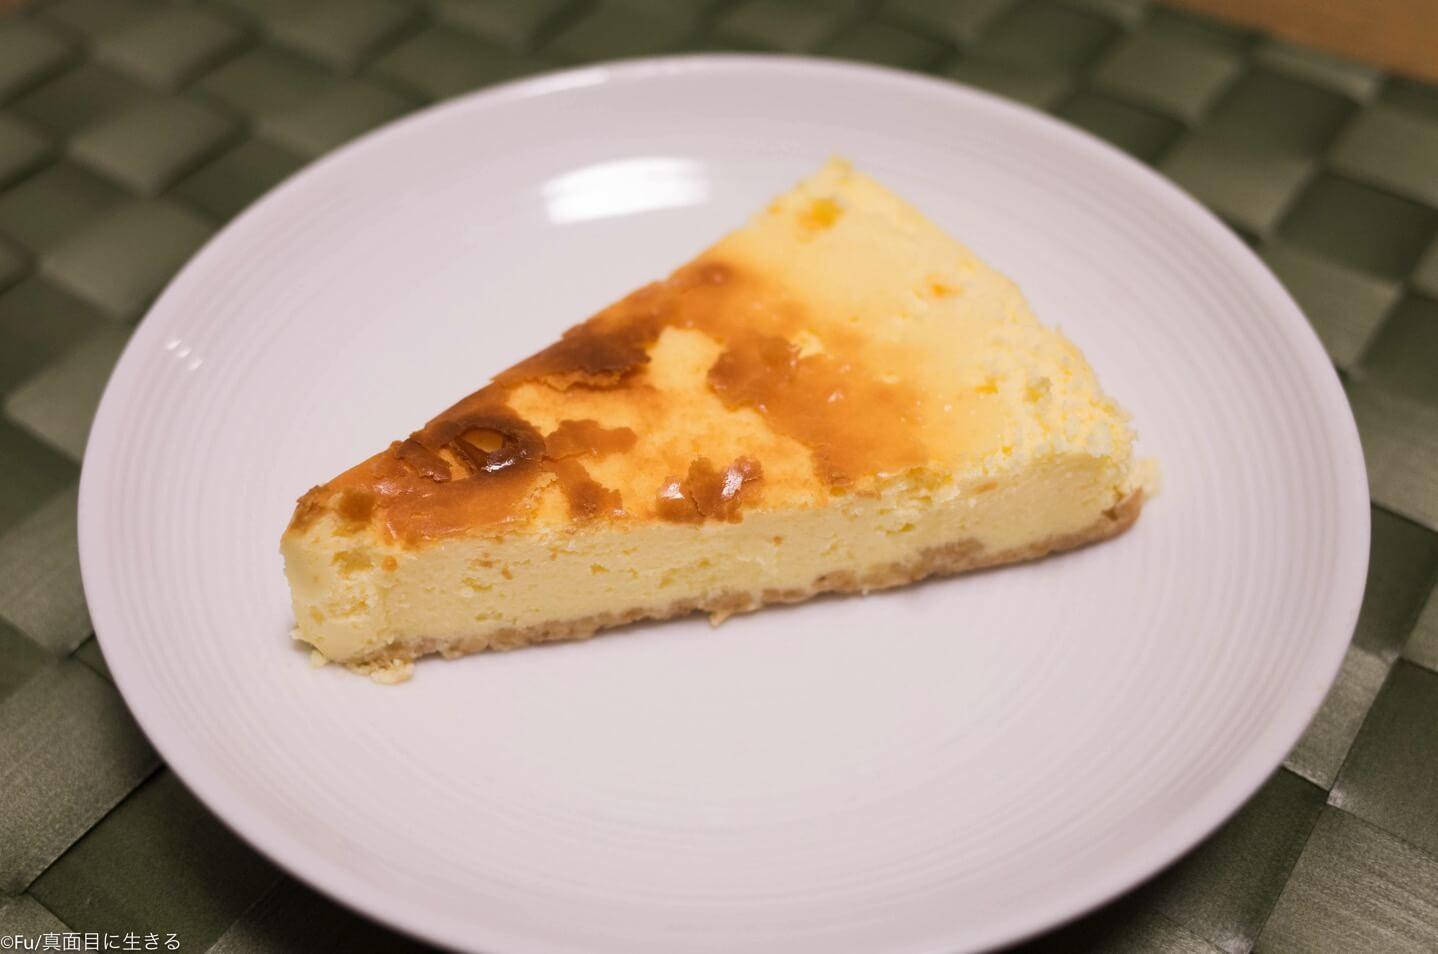 セブンイレブン3種チーズの濃厚フロマージュ 中身